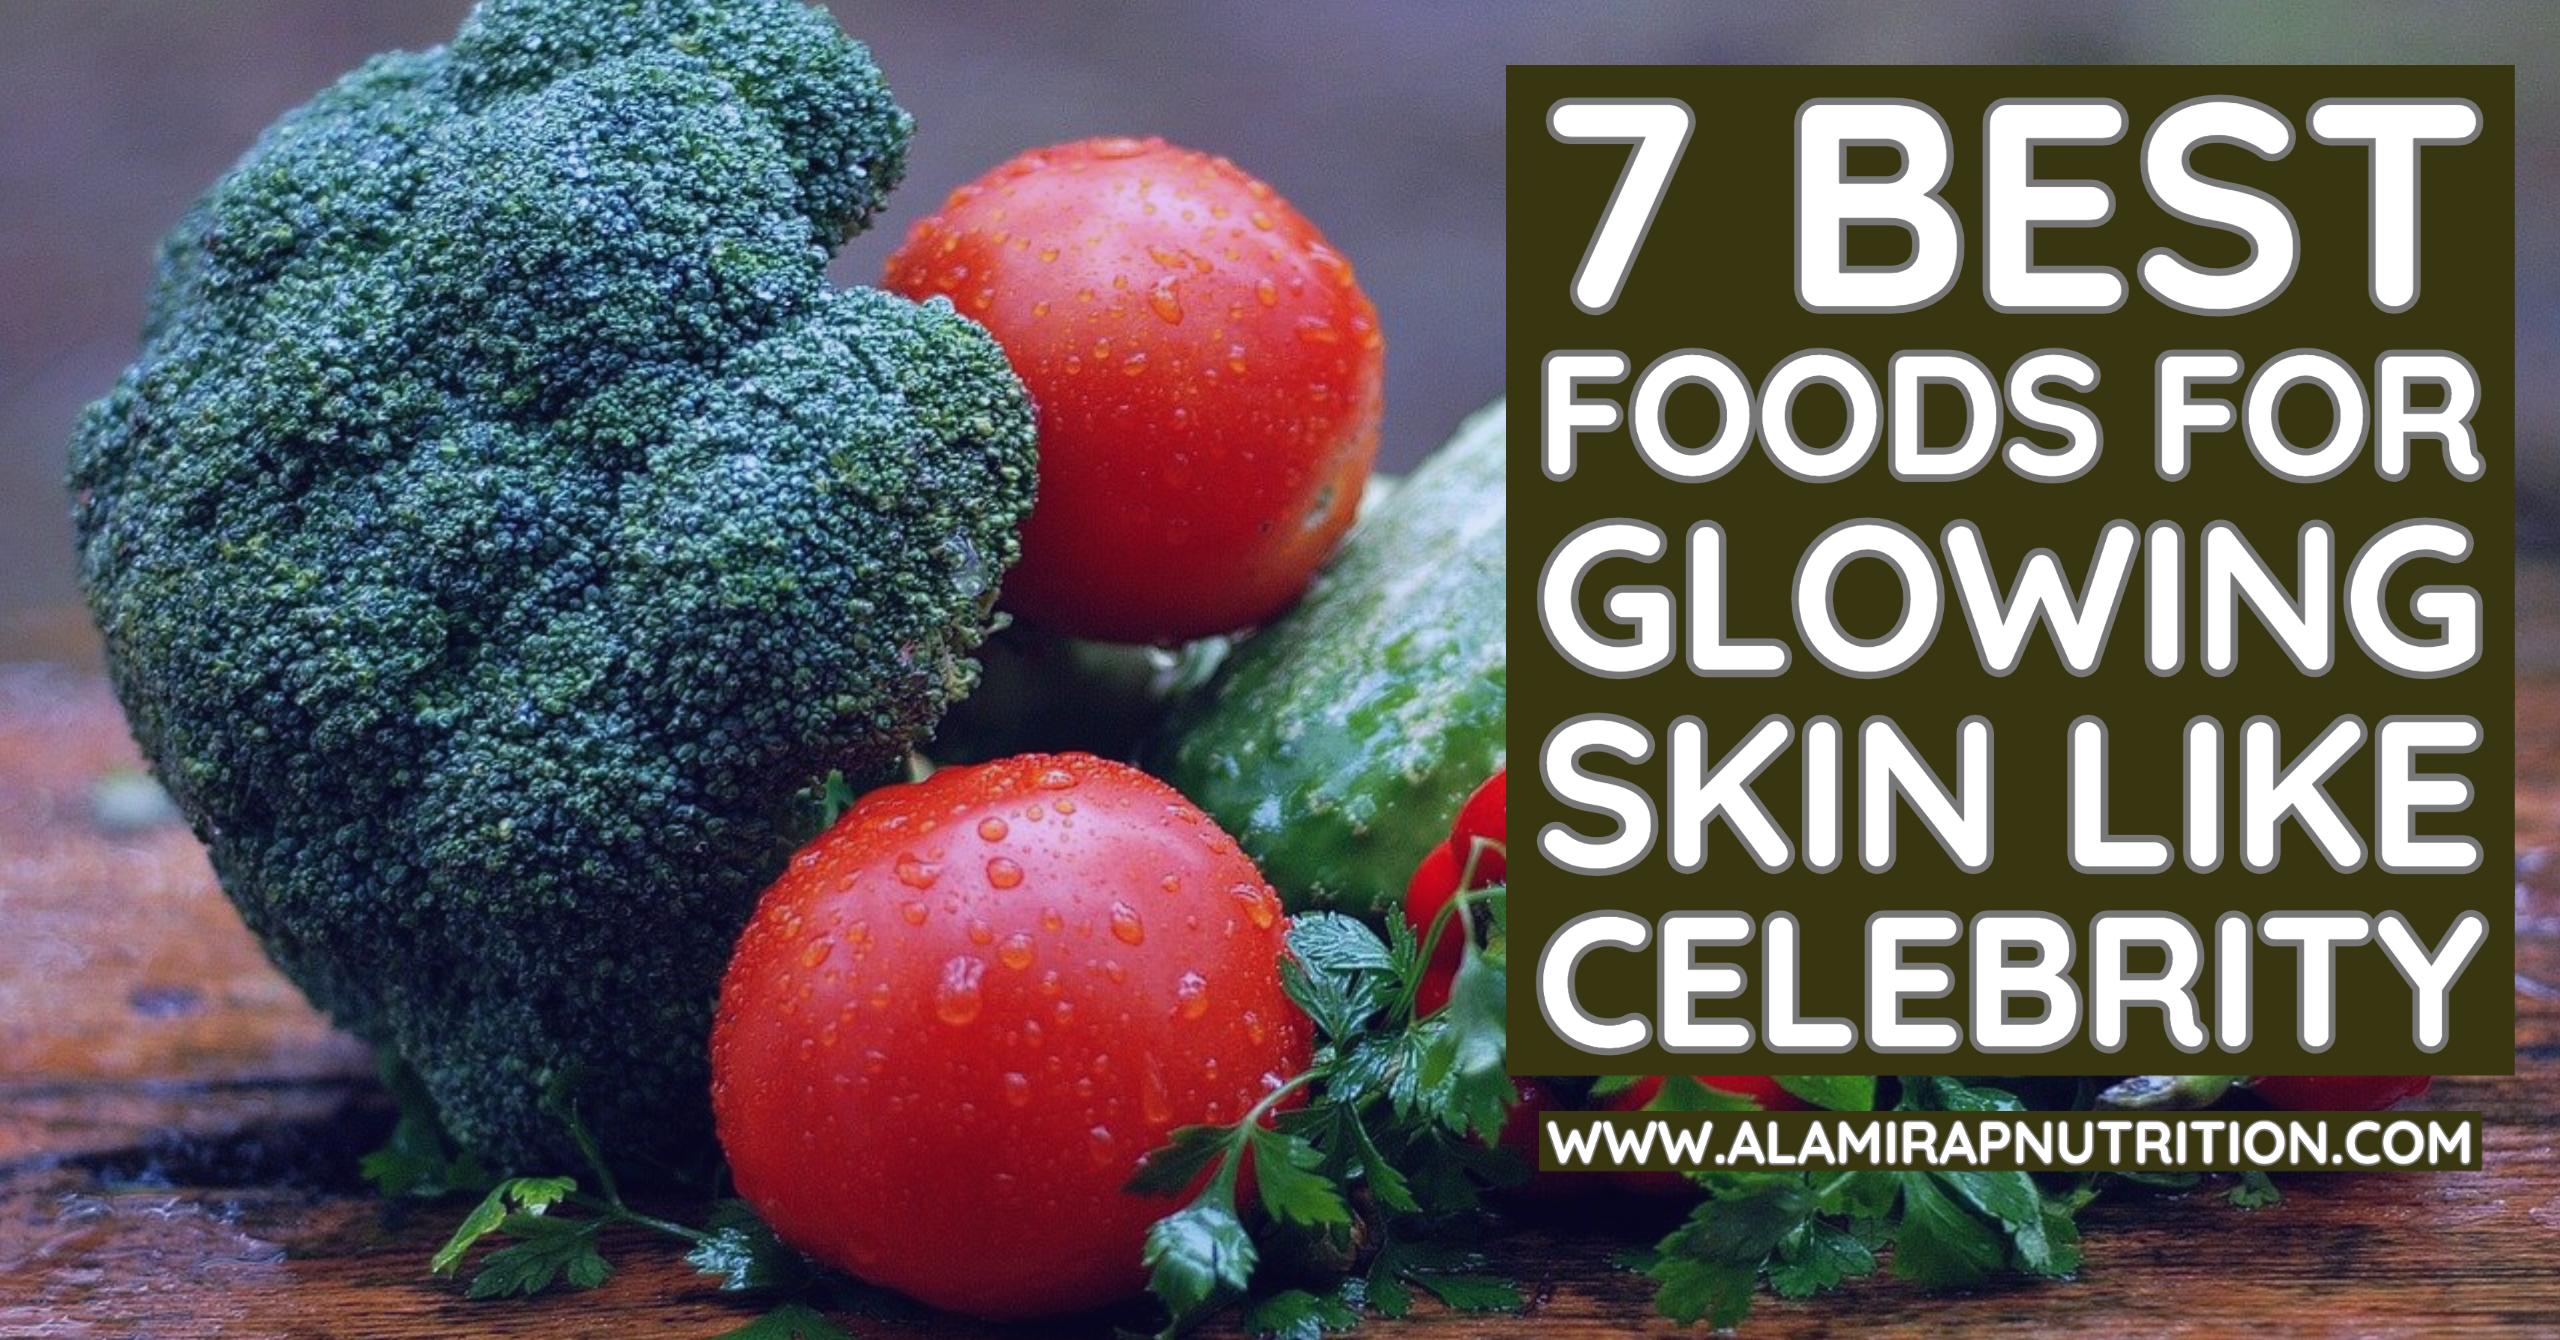 7 Best Foods for Glowing Skin like Celebrity